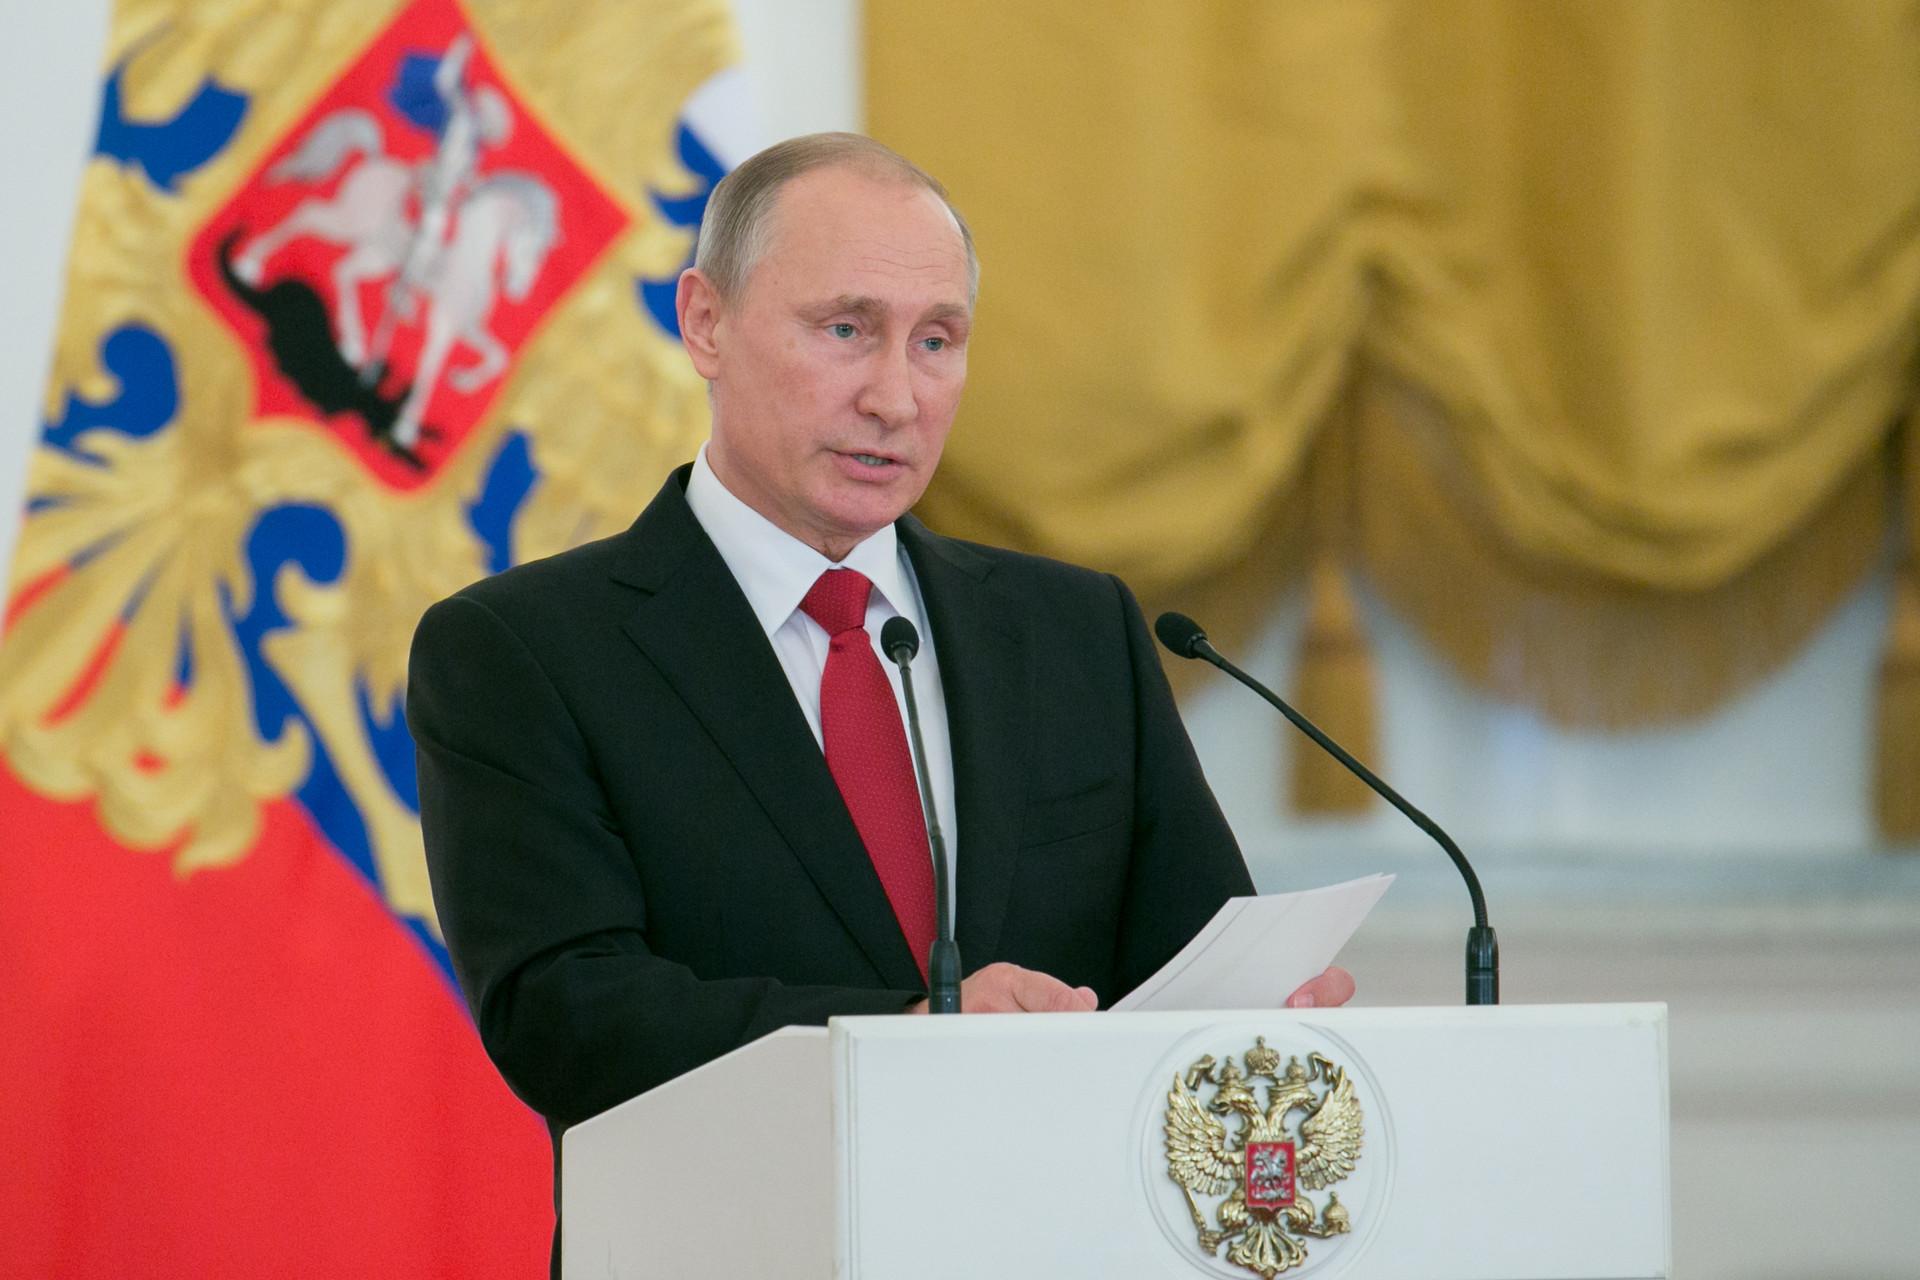 Starorusko ime Vladimir izhaja iz dveh besed, ki pomenita »tisti, ki vlada v miru« (v ljudski zavesti tudi »tisti, ki vlada svetu«). Na fotografiji: ruski predsednik Vladimir Vladimirovič Putin.